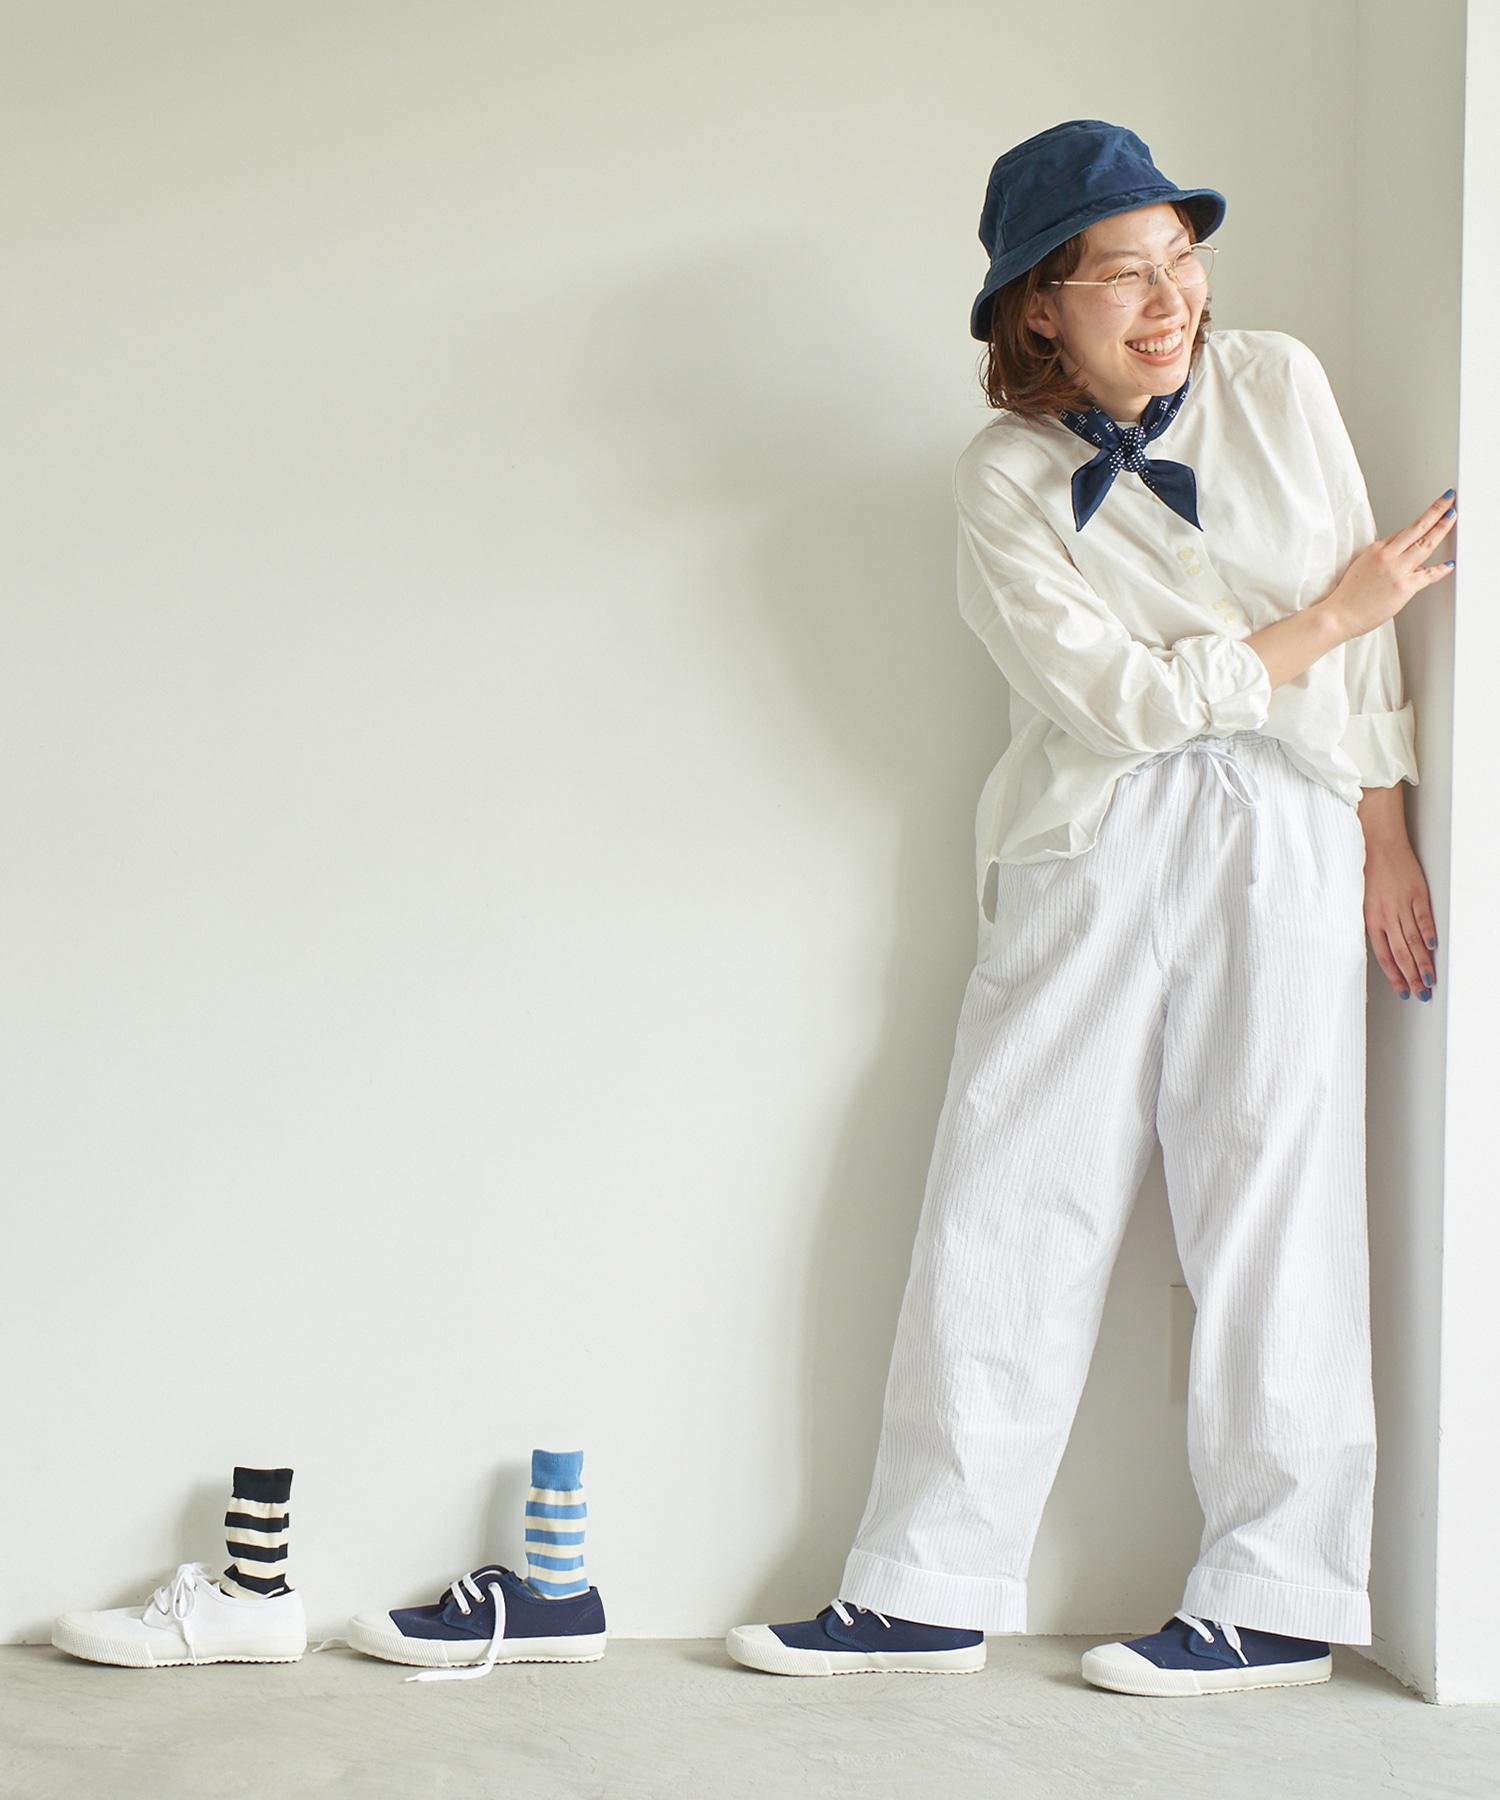 〇ウェーブボイル パジャマパンツ(セットアップ対応)